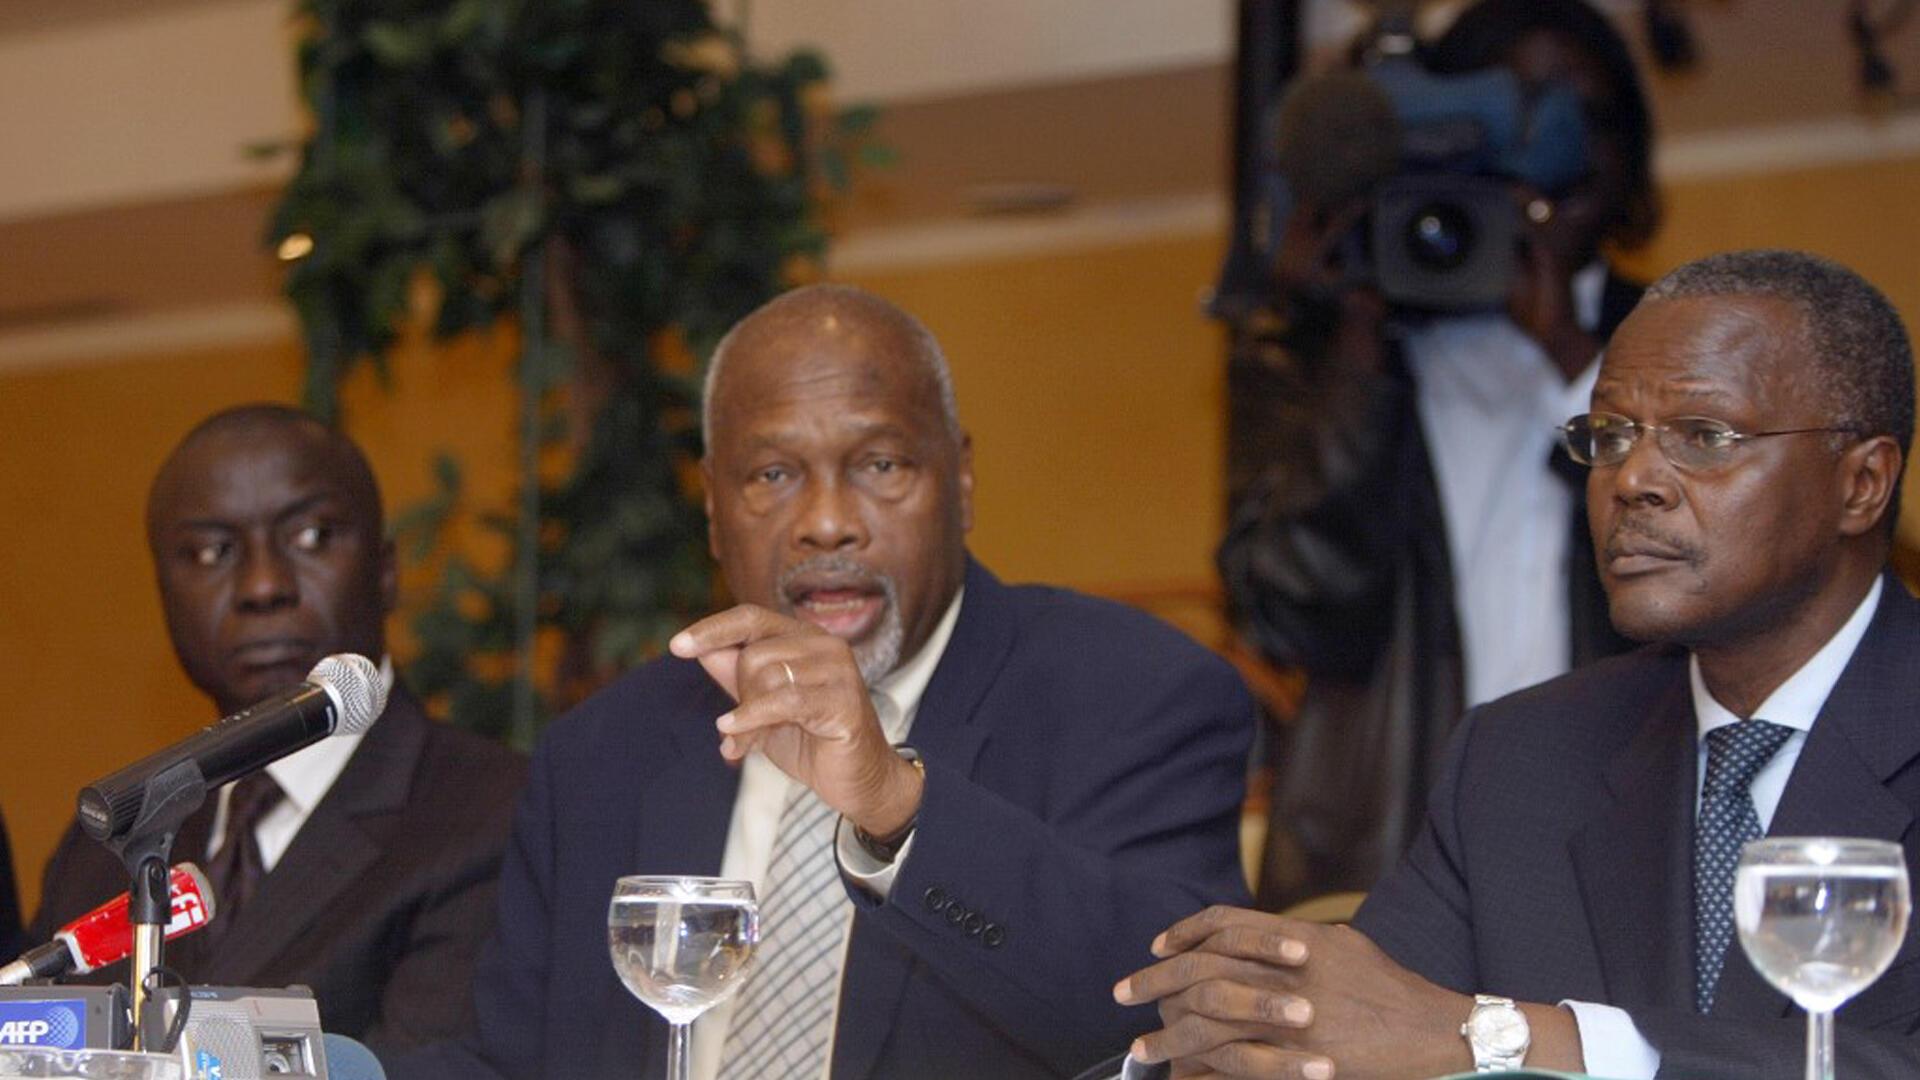 Amath Dansokho, secrétaire général du Parti de l'indépendance et du travail (au centre), le 2 avril 2007, lors d'une conférence de presse, aux côtés d'Idrissa Seck (à g.) et d'Ousmane Tanor Dieng (à dr.) à Dakar.